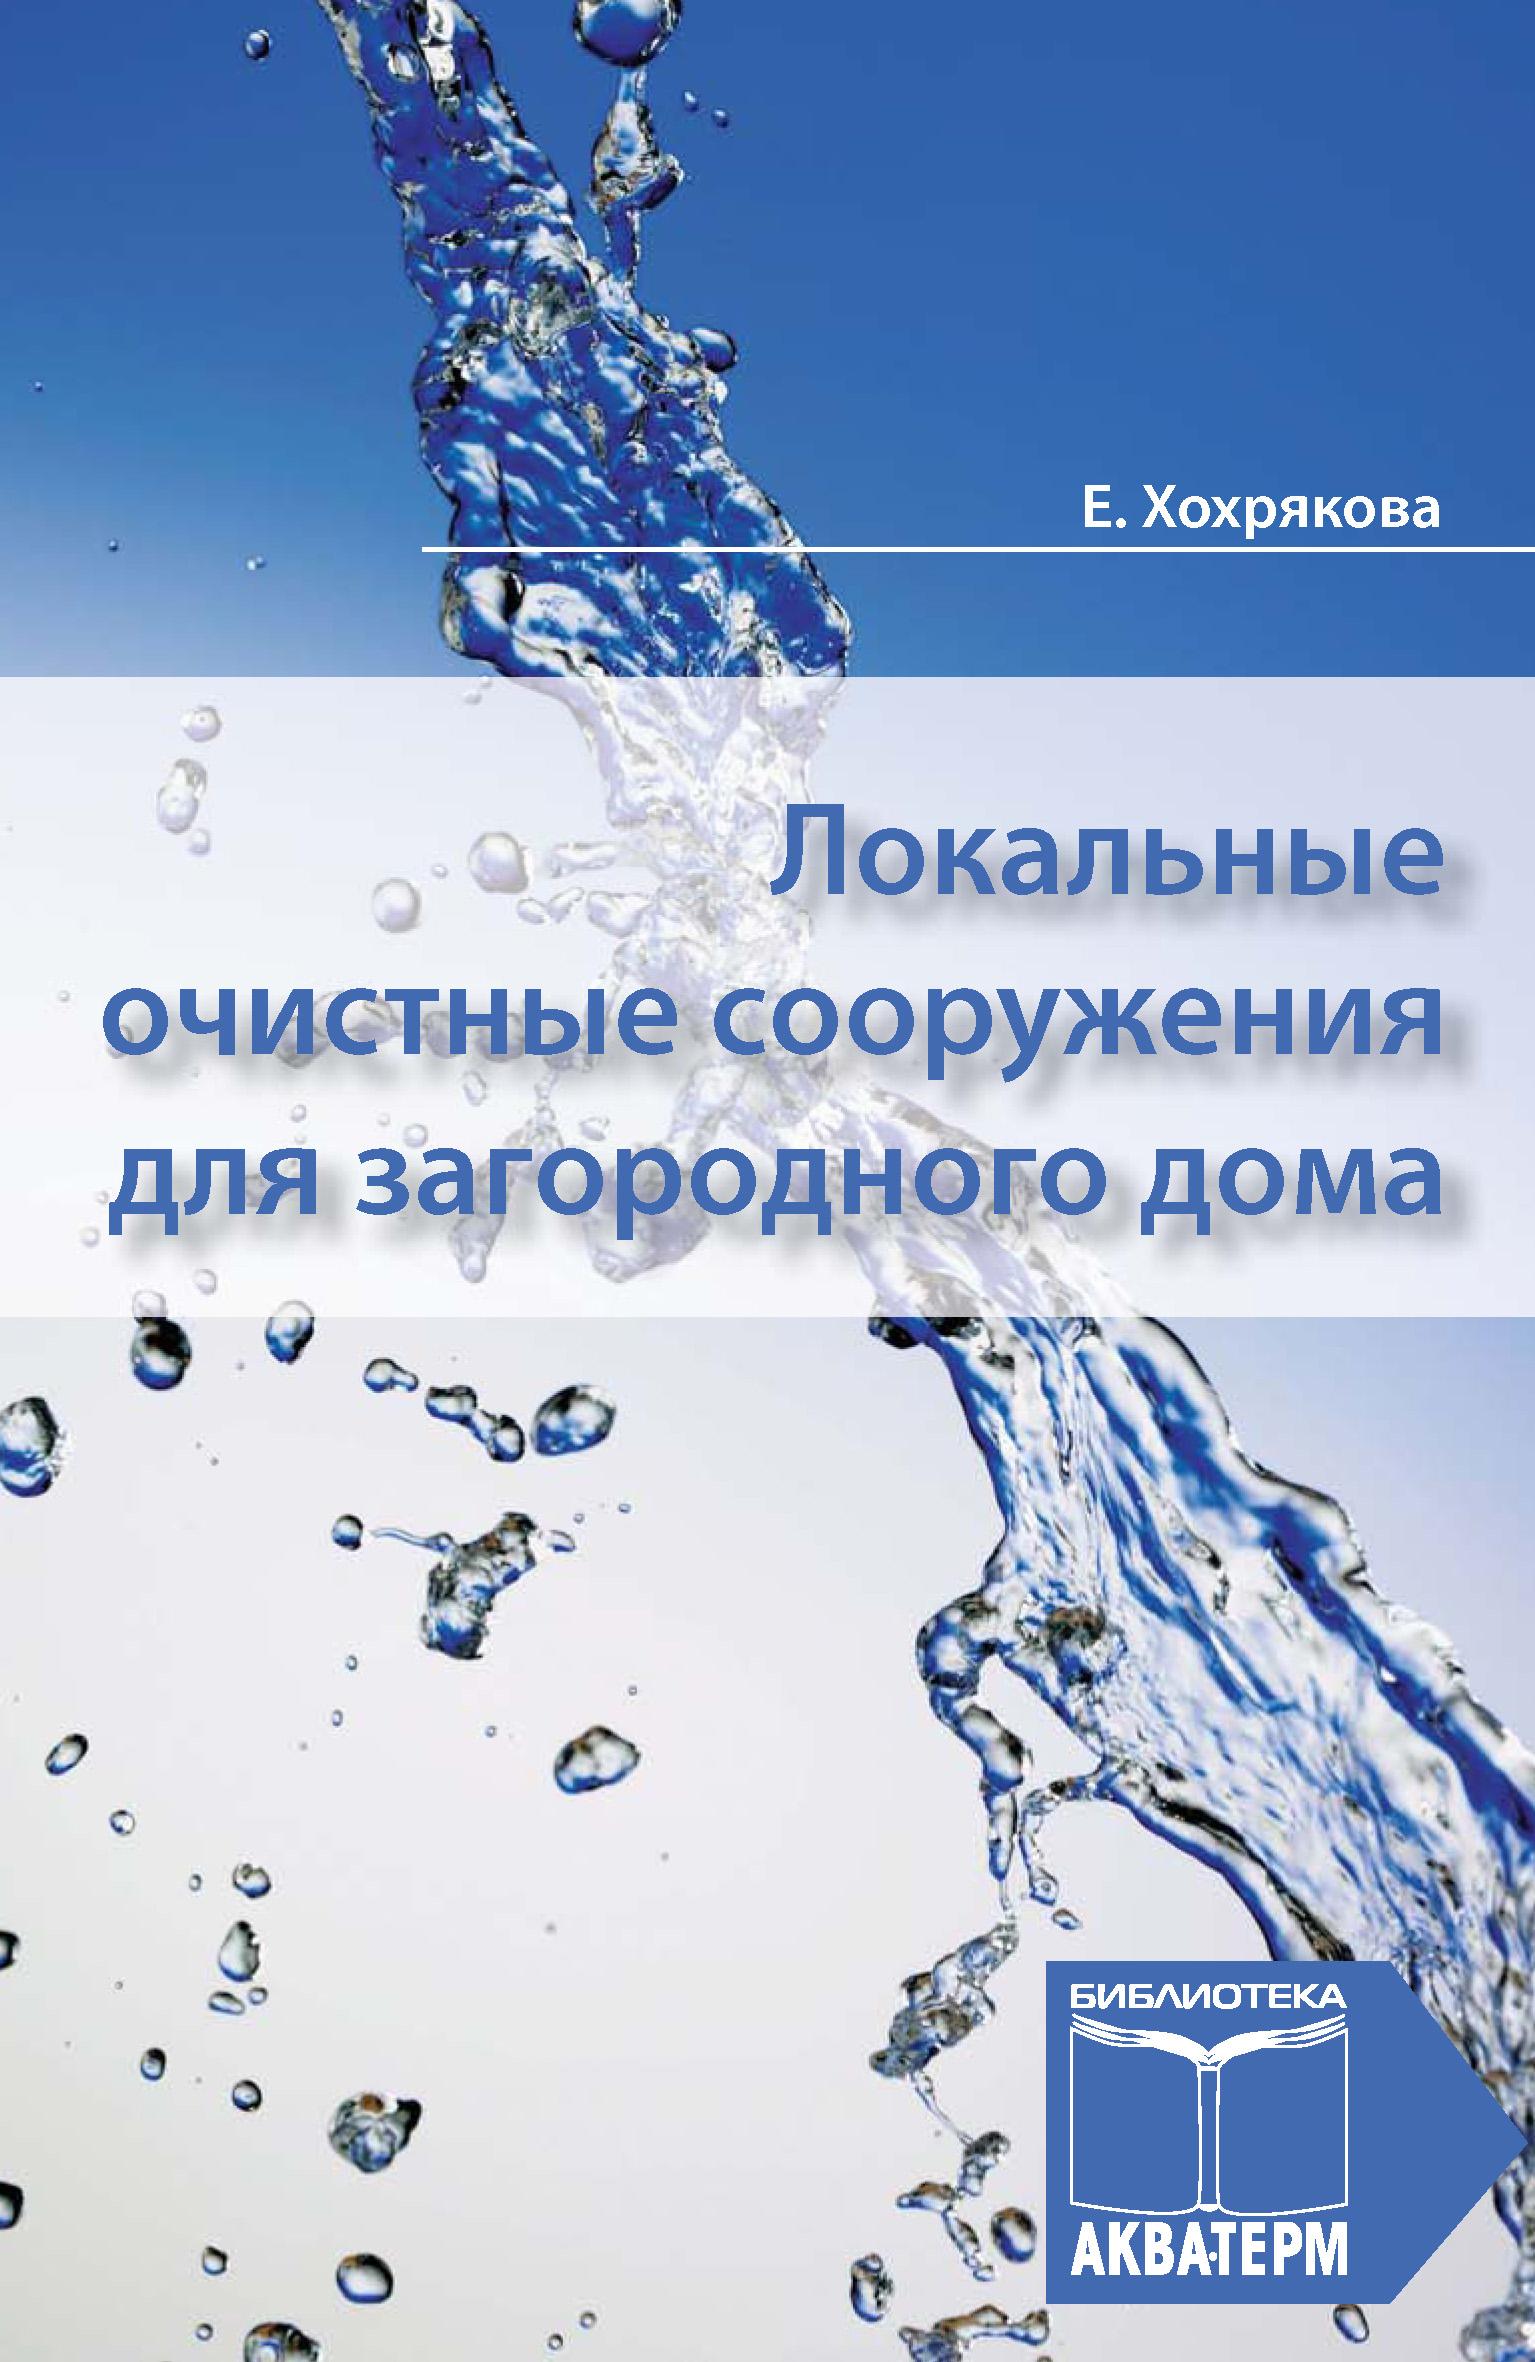 Елена Хохрякова Локальные очистные сооружения для загородного дома